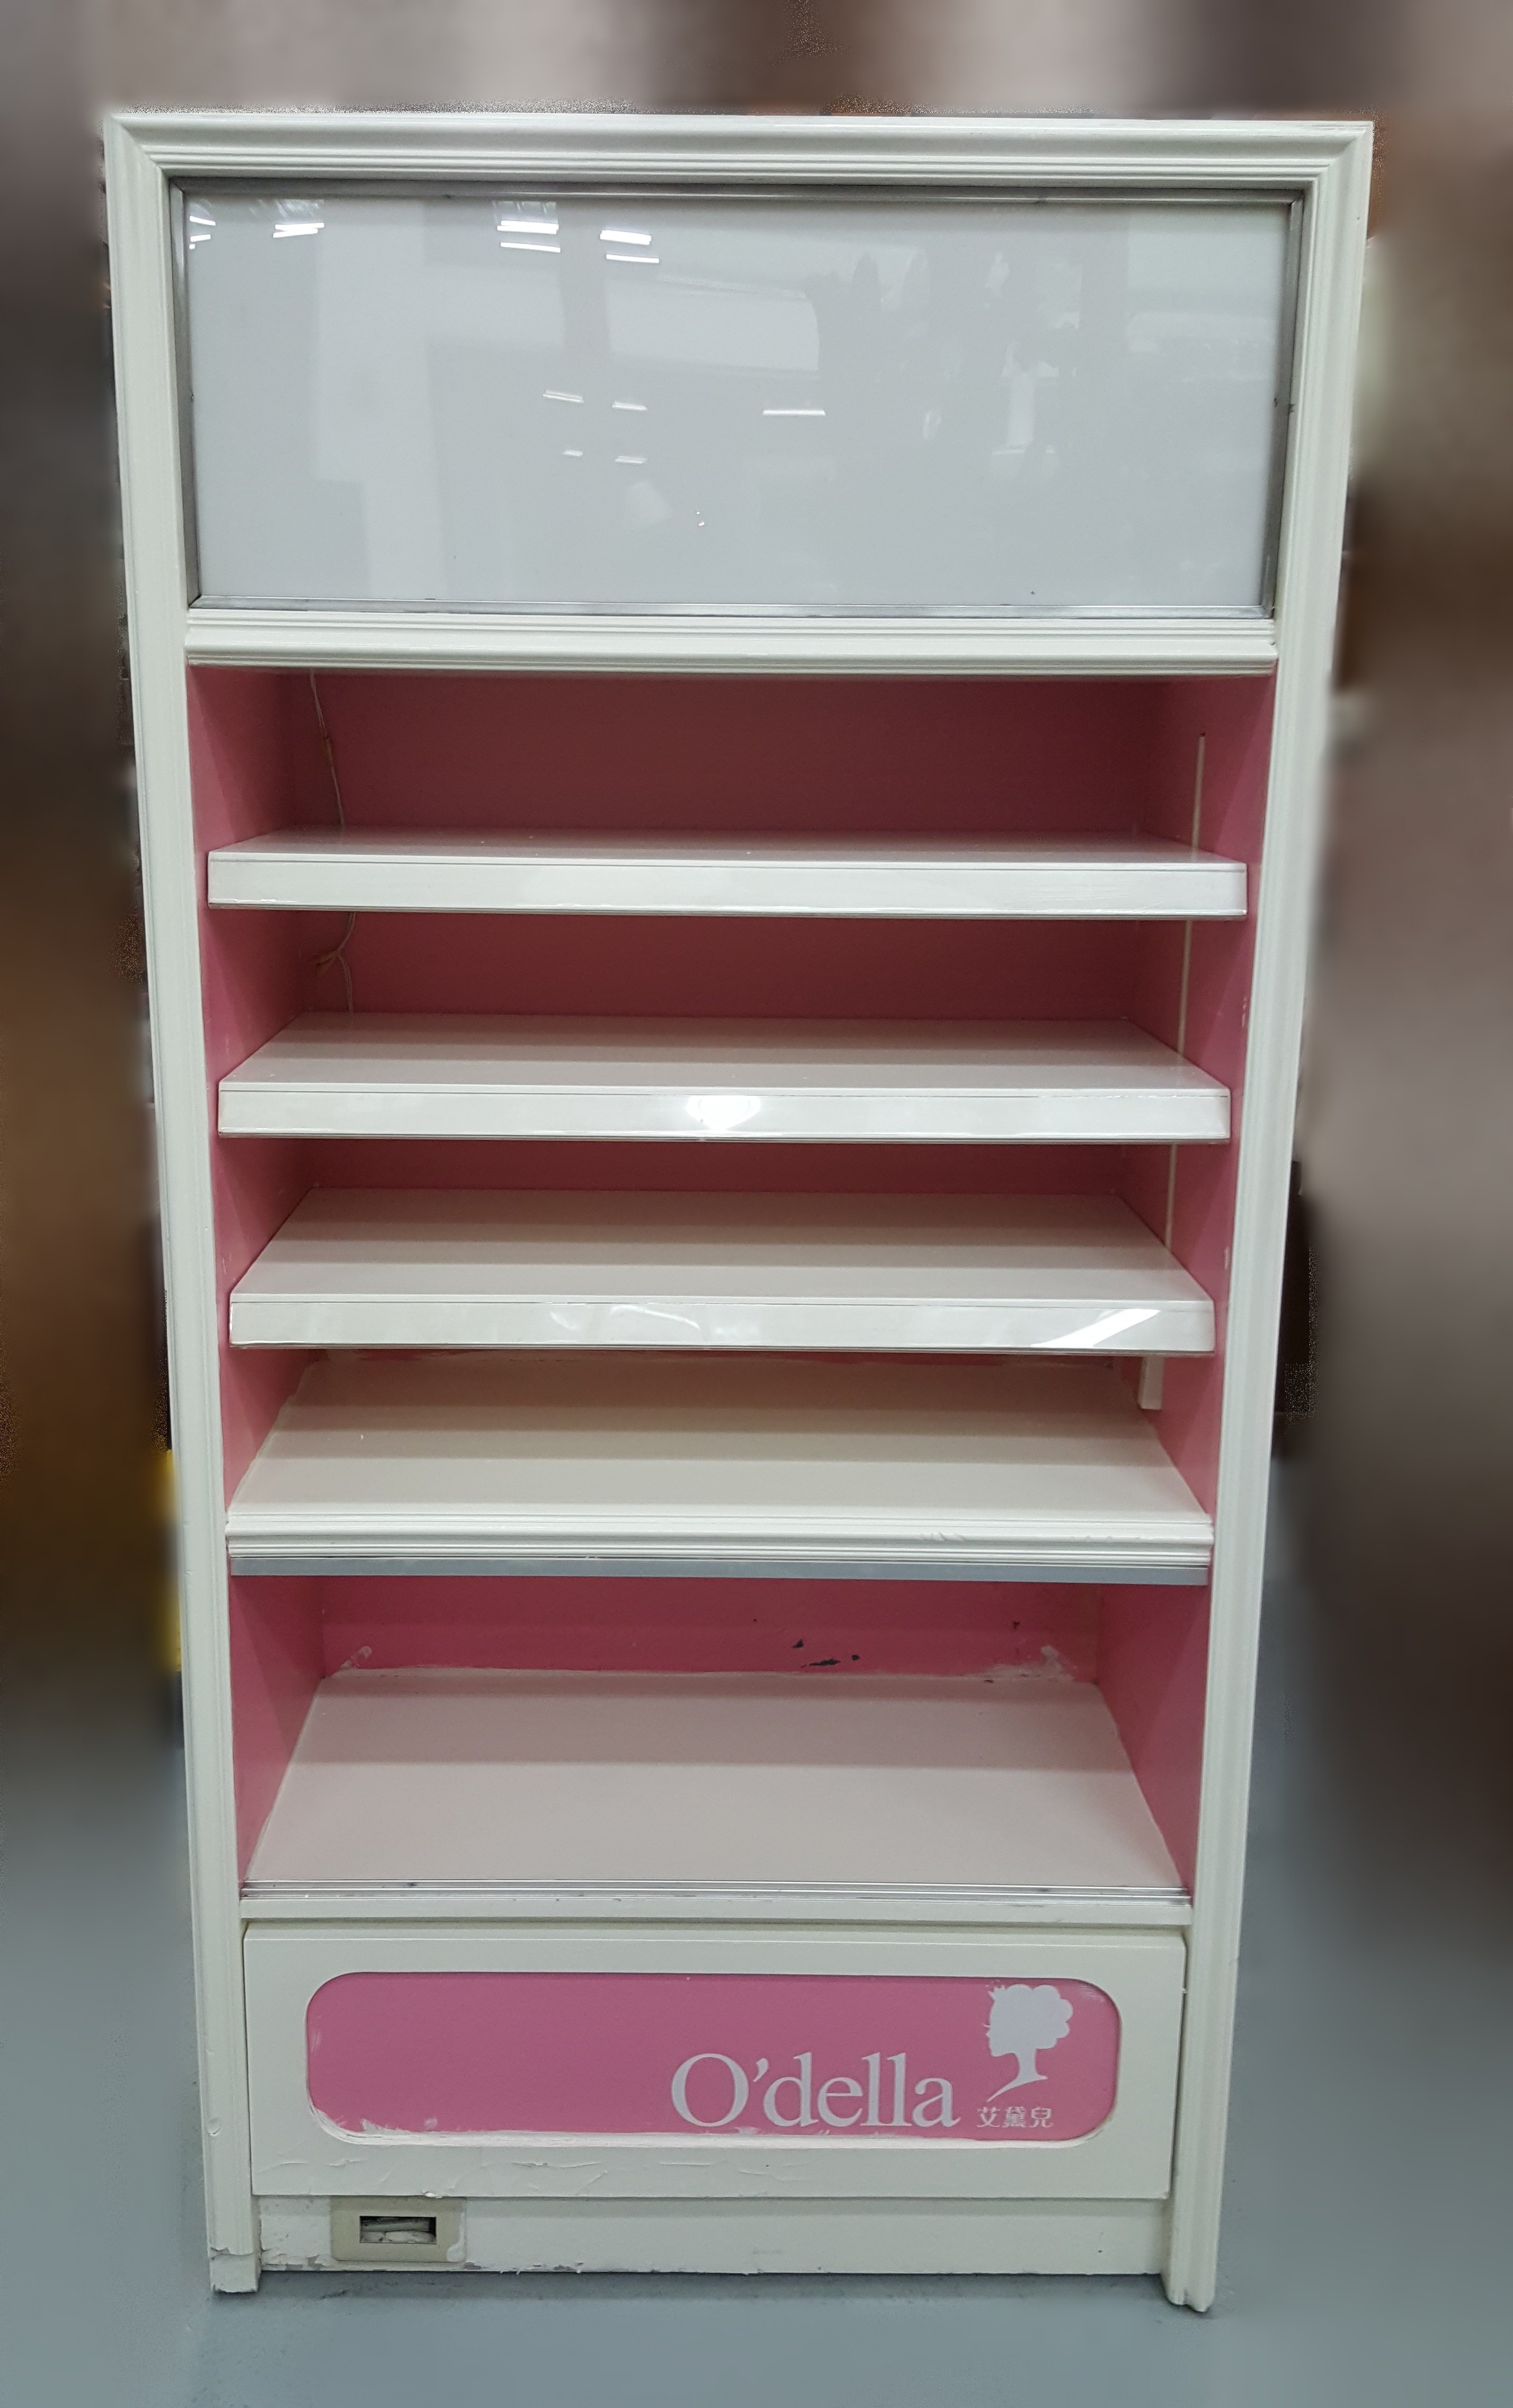 台中宏品二手家具 中古傢俱賣場 D73106*白粉展示櫃 展示架 櫃檯 收銀台*便宜家二手家具拍賣 冷氣空調 冰箱電視